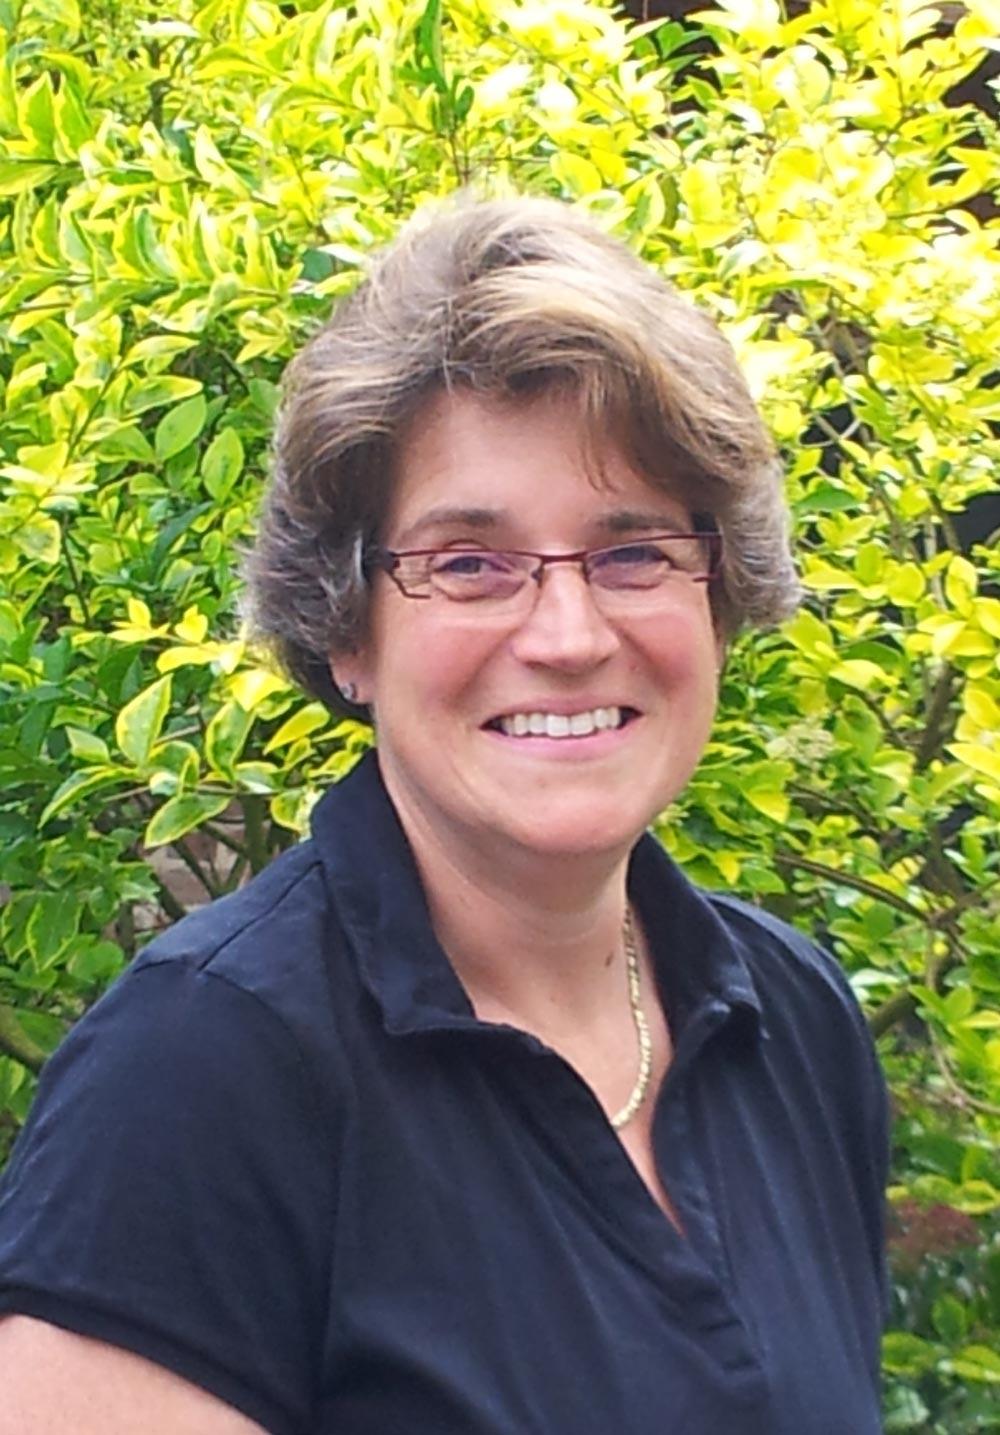 Agrarpaedagogin Dr. Inge Wolf